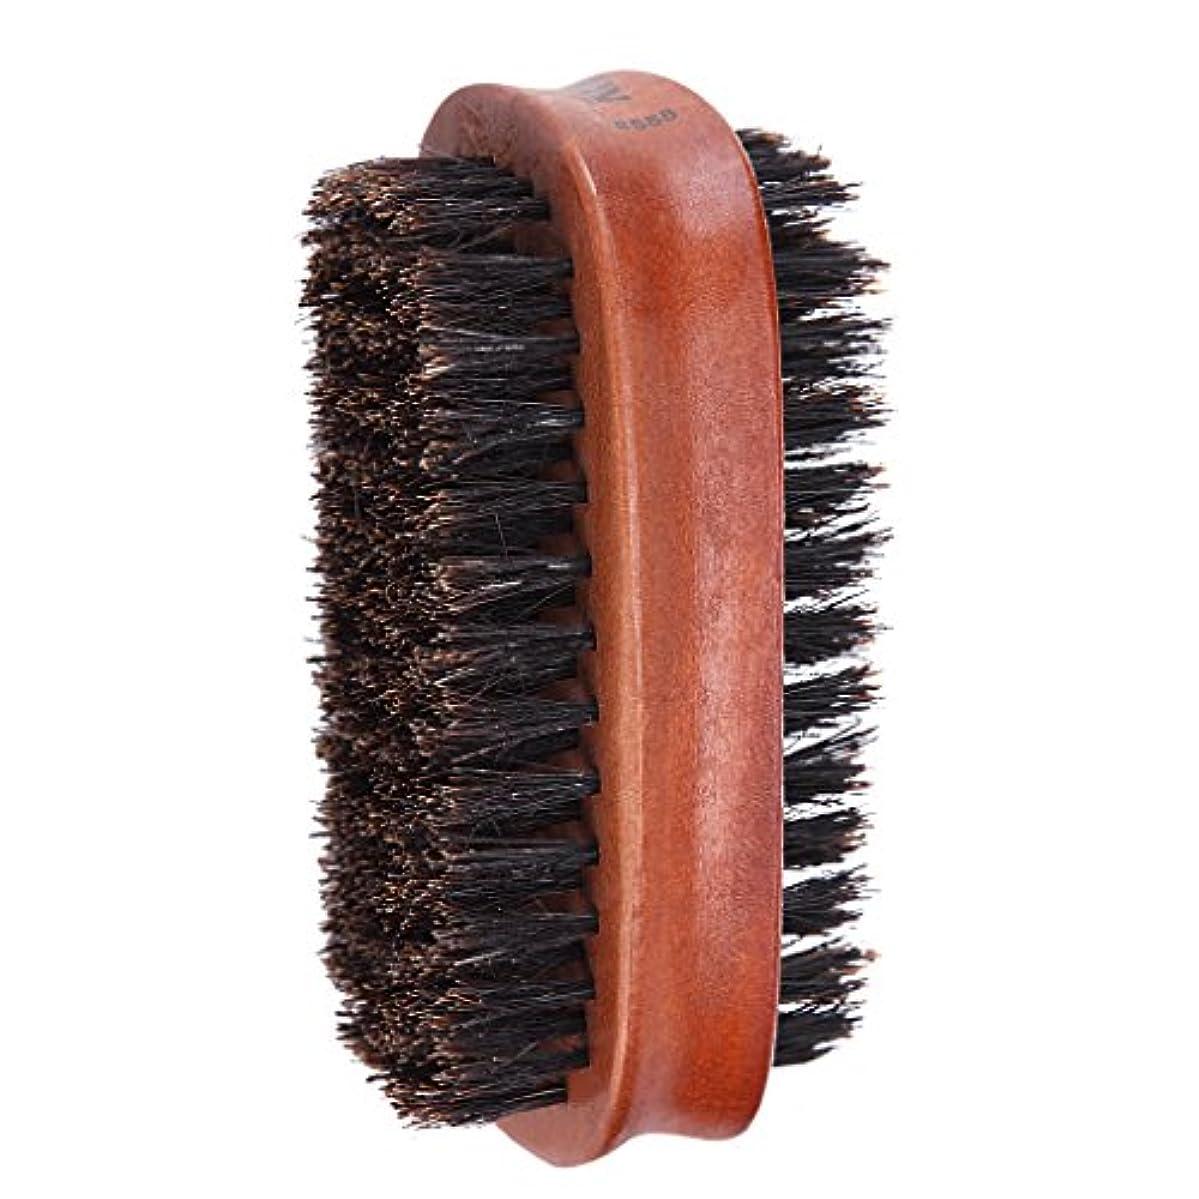 傾く掃除マトロンヘアカット ダスターブラシ 両面ブラシ サロン ヘアスタイリング バーバー クリーニングブラシ